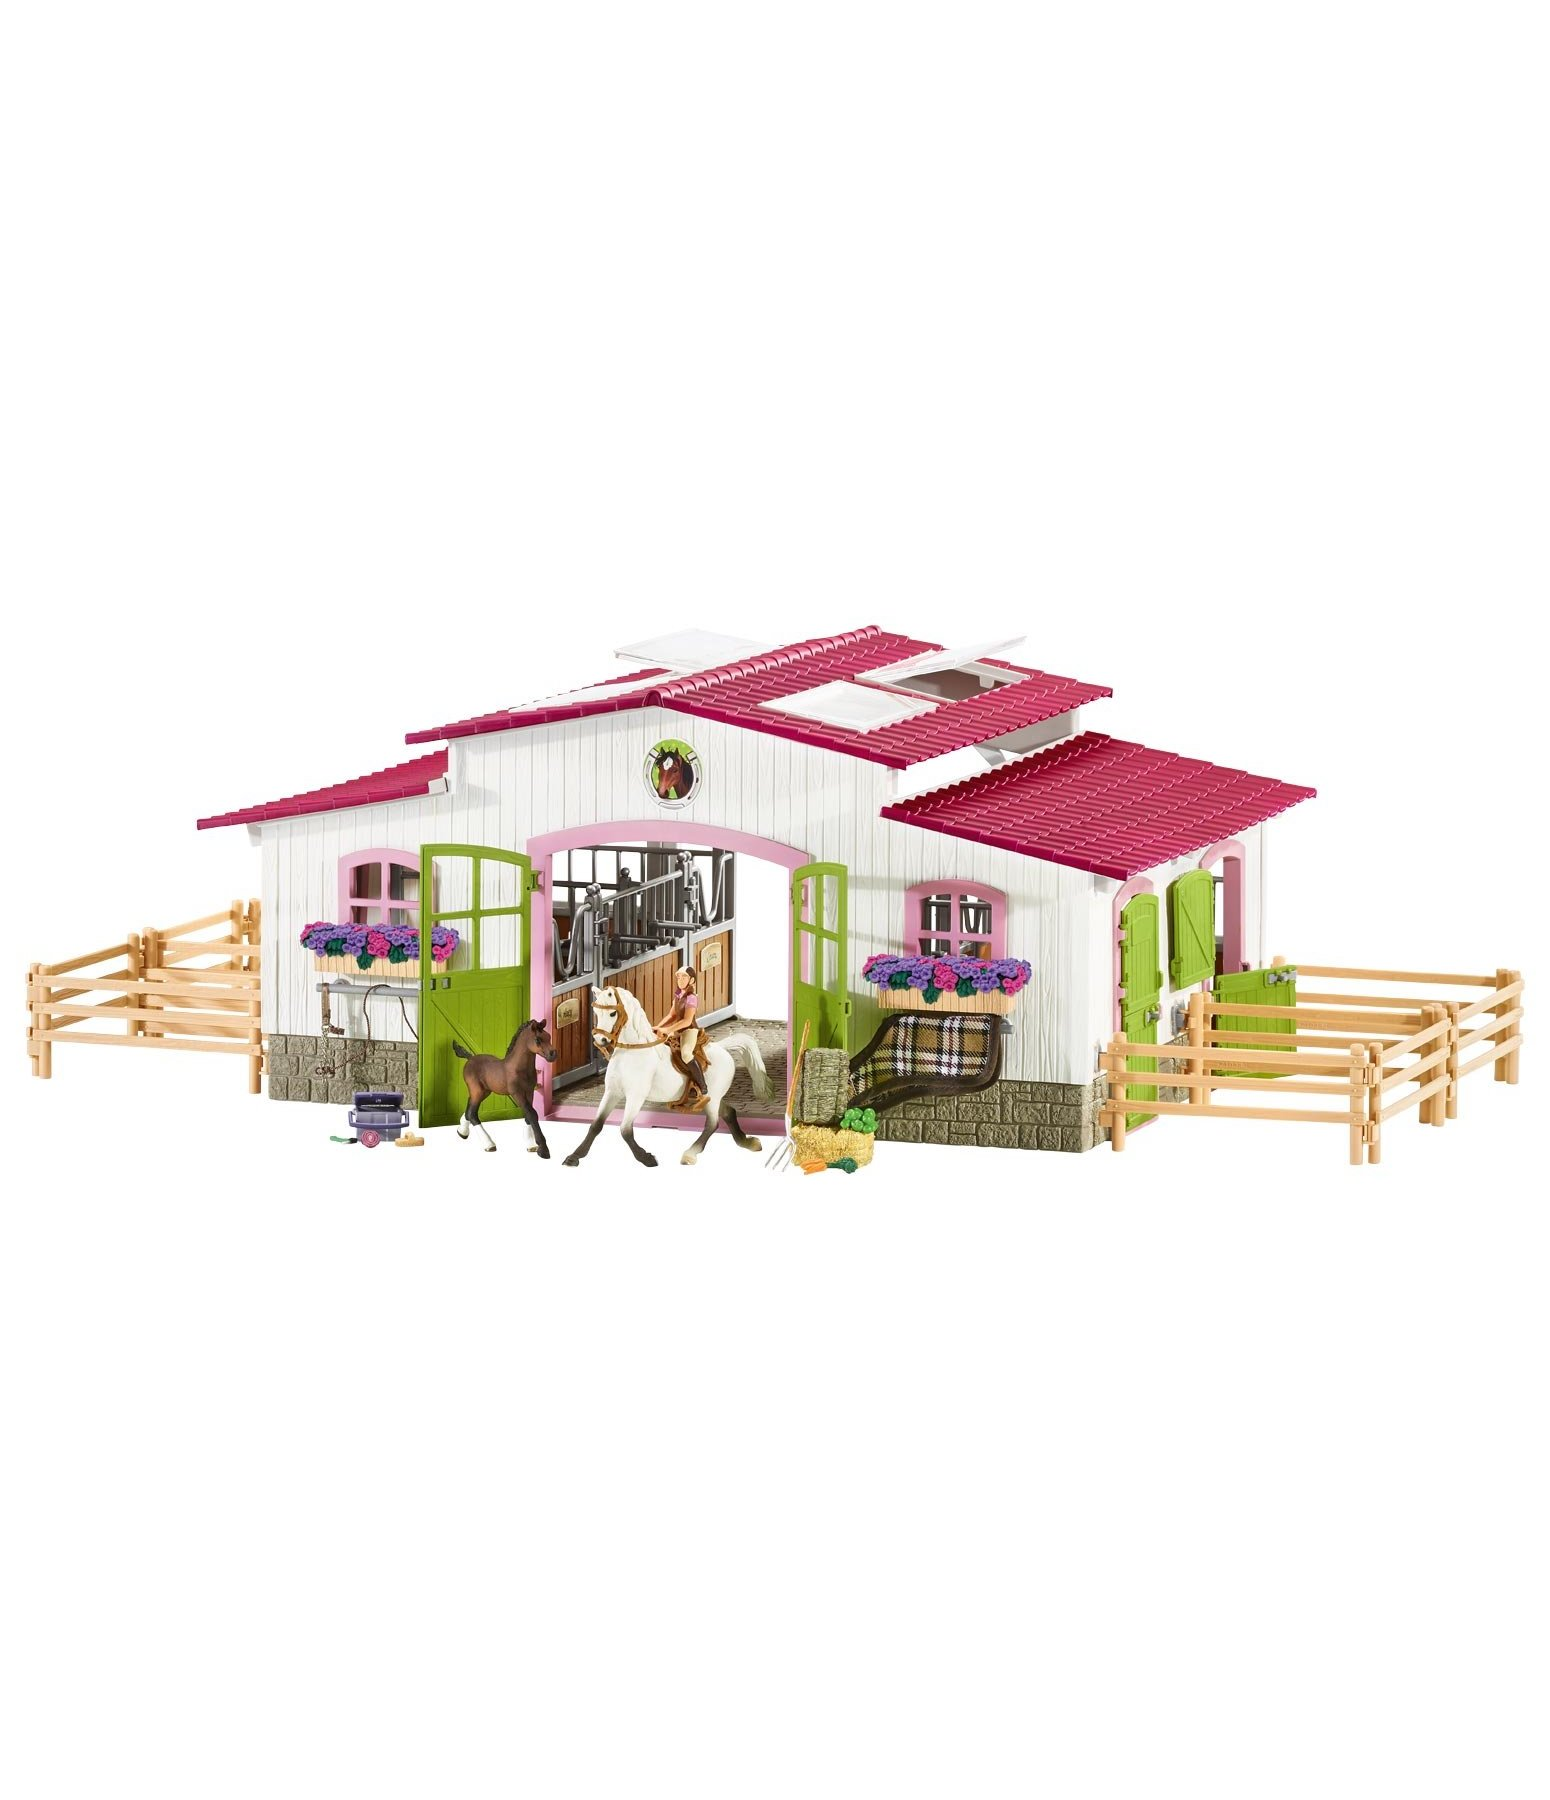 centre questre horse club figurines questres kramer. Black Bedroom Furniture Sets. Home Design Ideas